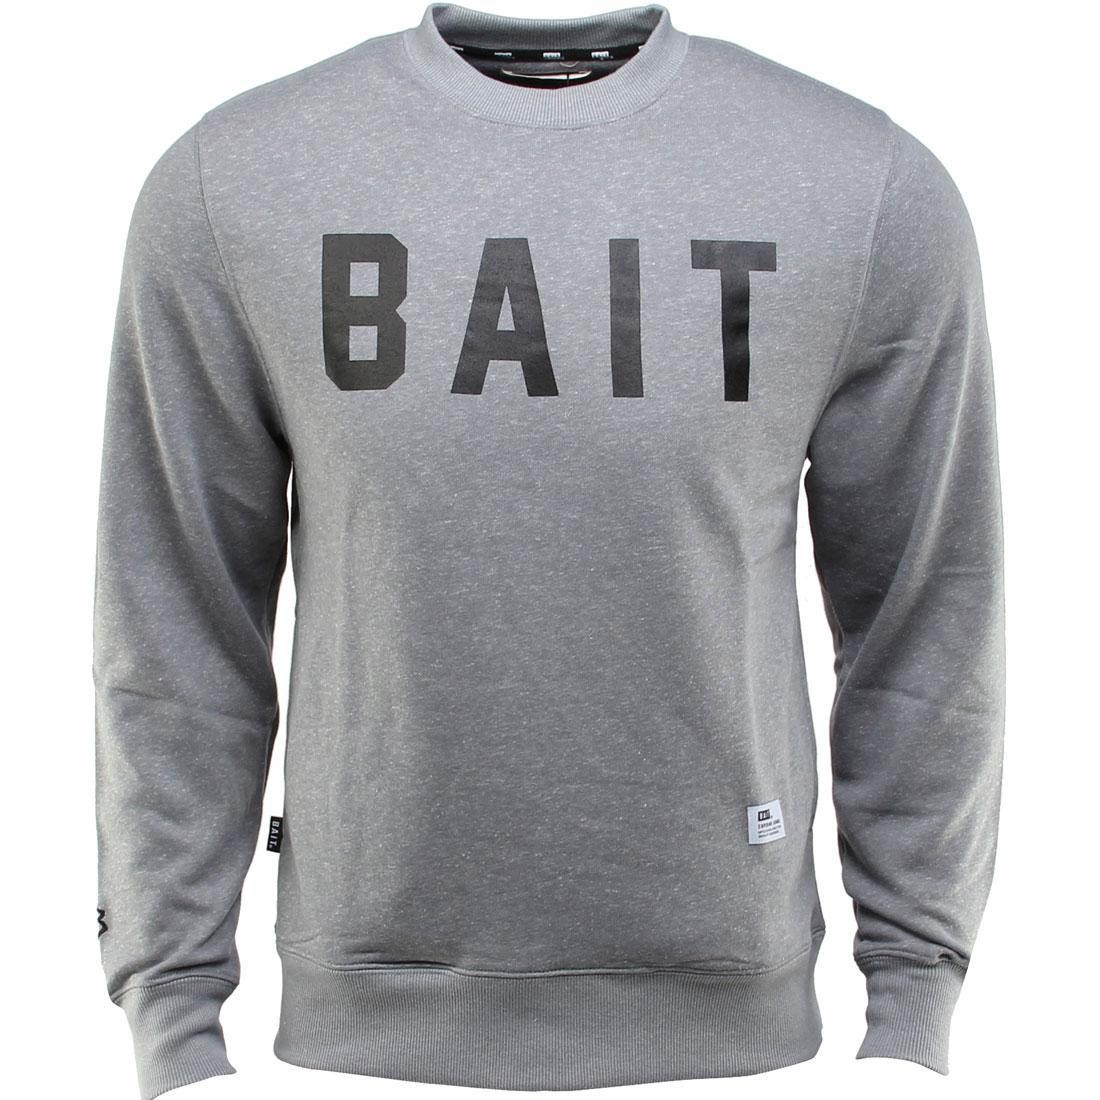 ベイト BAIT 灰色 グレー グレイ 【 GRAY BAIT INVISIBLE POCKETS FITTED CREWNECK 】 メンズファッション トップス Tシャツ カットソー